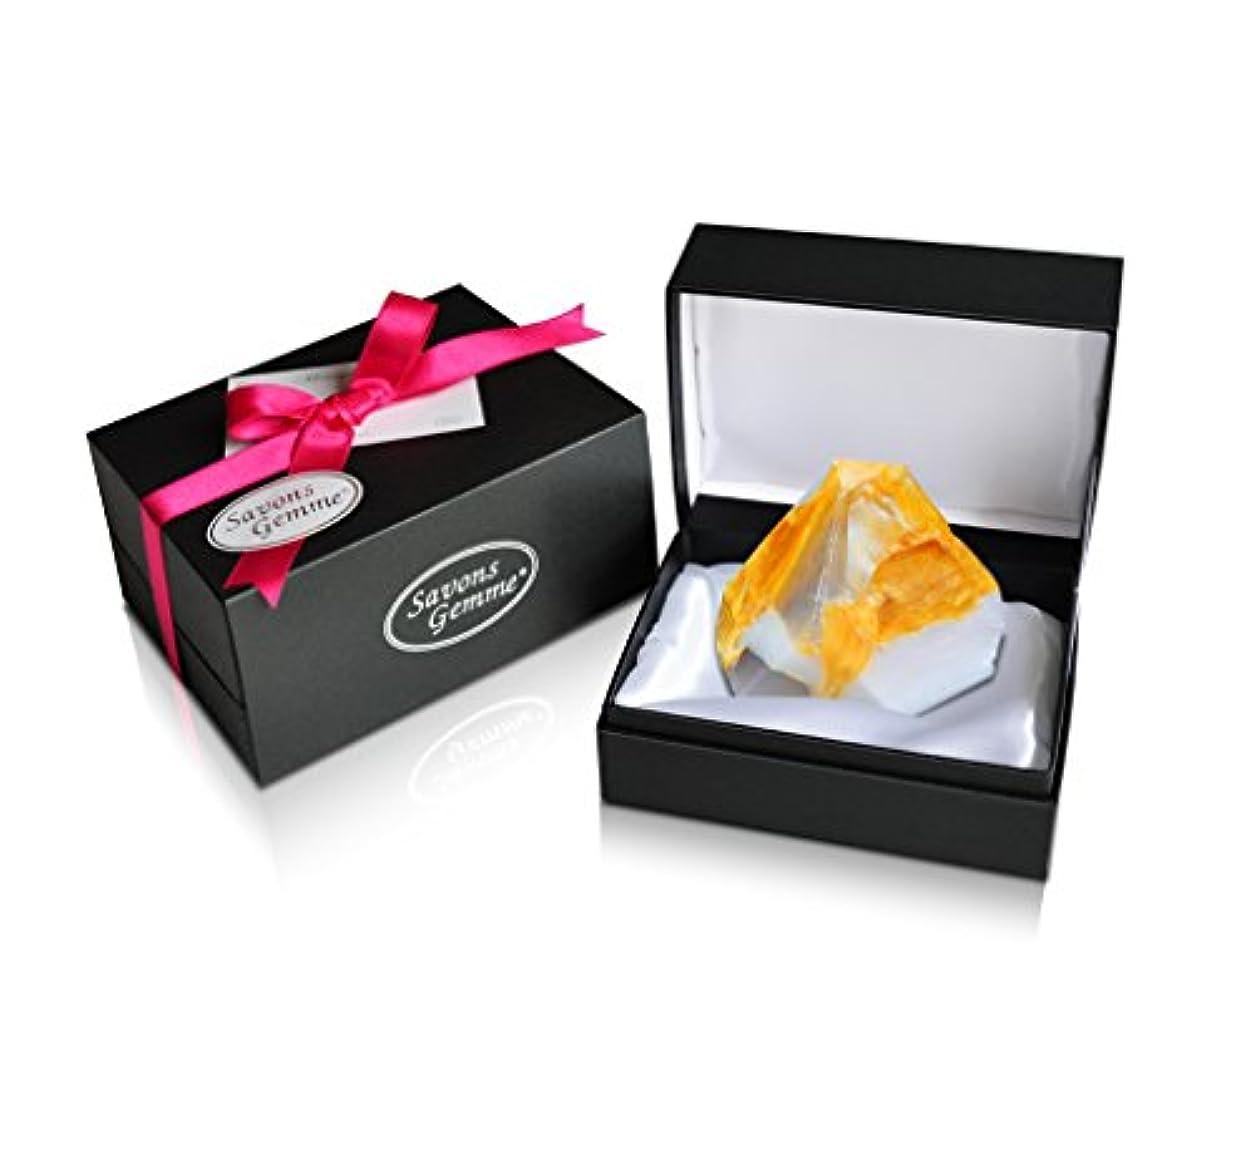 イルベイビーブローSavons Gemme サボンジェム ジュエリーギフトボックス 世界で一番美しい宝石石鹸 フレグランス ソープ 宝石箱のようなラグジュアリー感を演出 アルバトールオリエンタル 170g 【日本総代理店品】